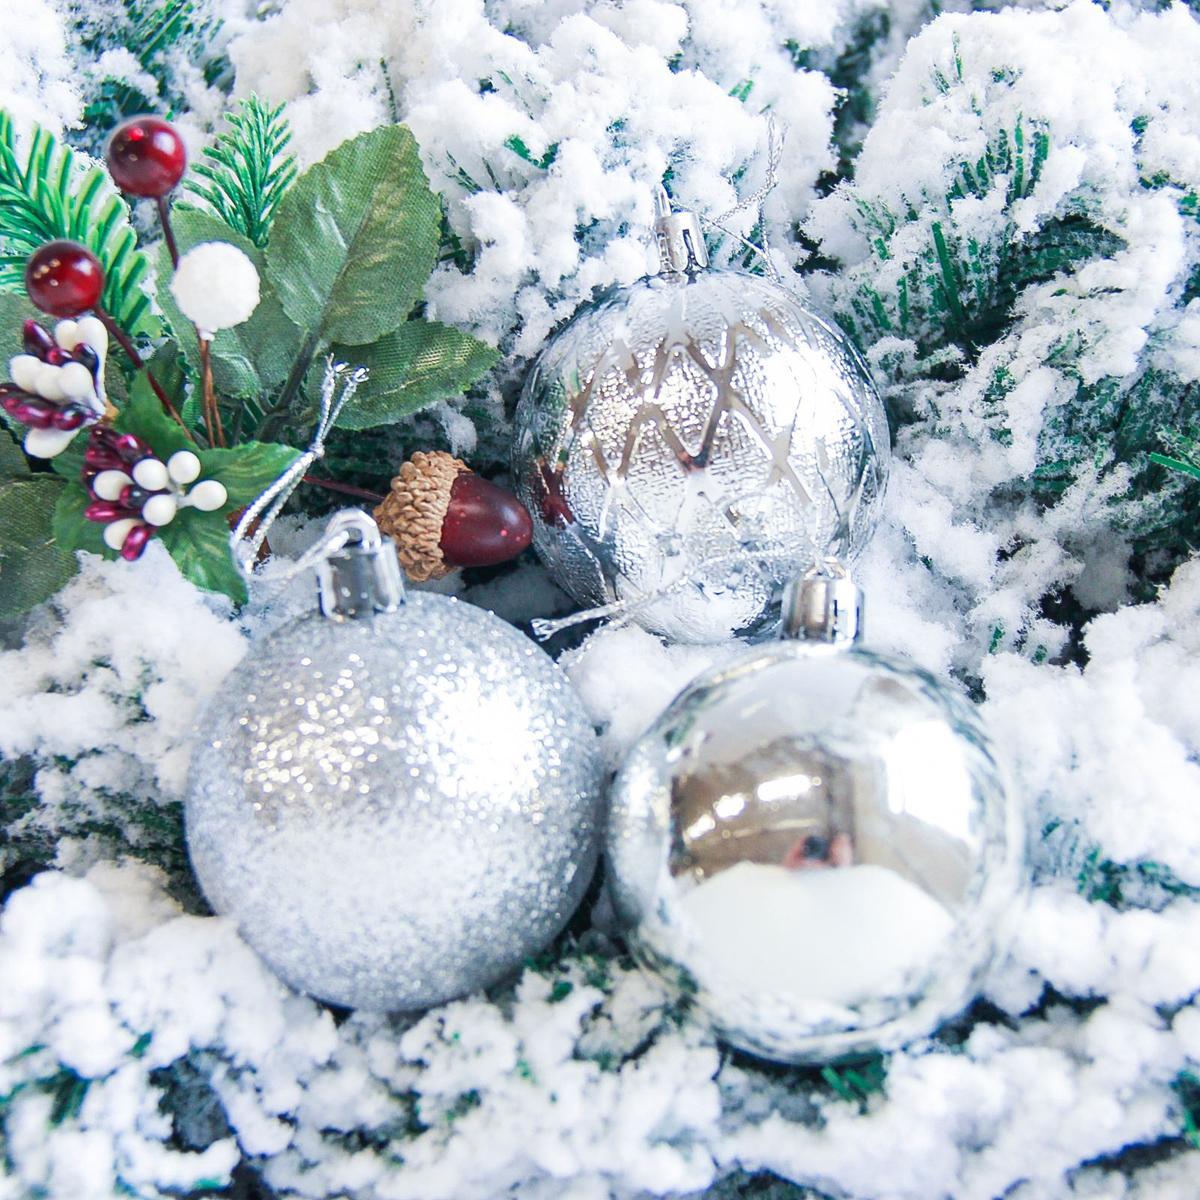 Набор новогодних подвесных украшений Sima-land Анданте, цвет: серебристый, диаметр 6 см, 6 шт2178232Новогодние украшения Sima-land изготовлены из пластика. Изделия имеют плотный корпус, поэтому не разобьются при падении.Невозможно представить нашу жизнь без праздников! Новогодние украшения несут в себе волшебство и красоту праздника. Создайте в своем доме атмосферу тепла, веселья и радости, украшая его всей семьей.В наборе 6 штук.